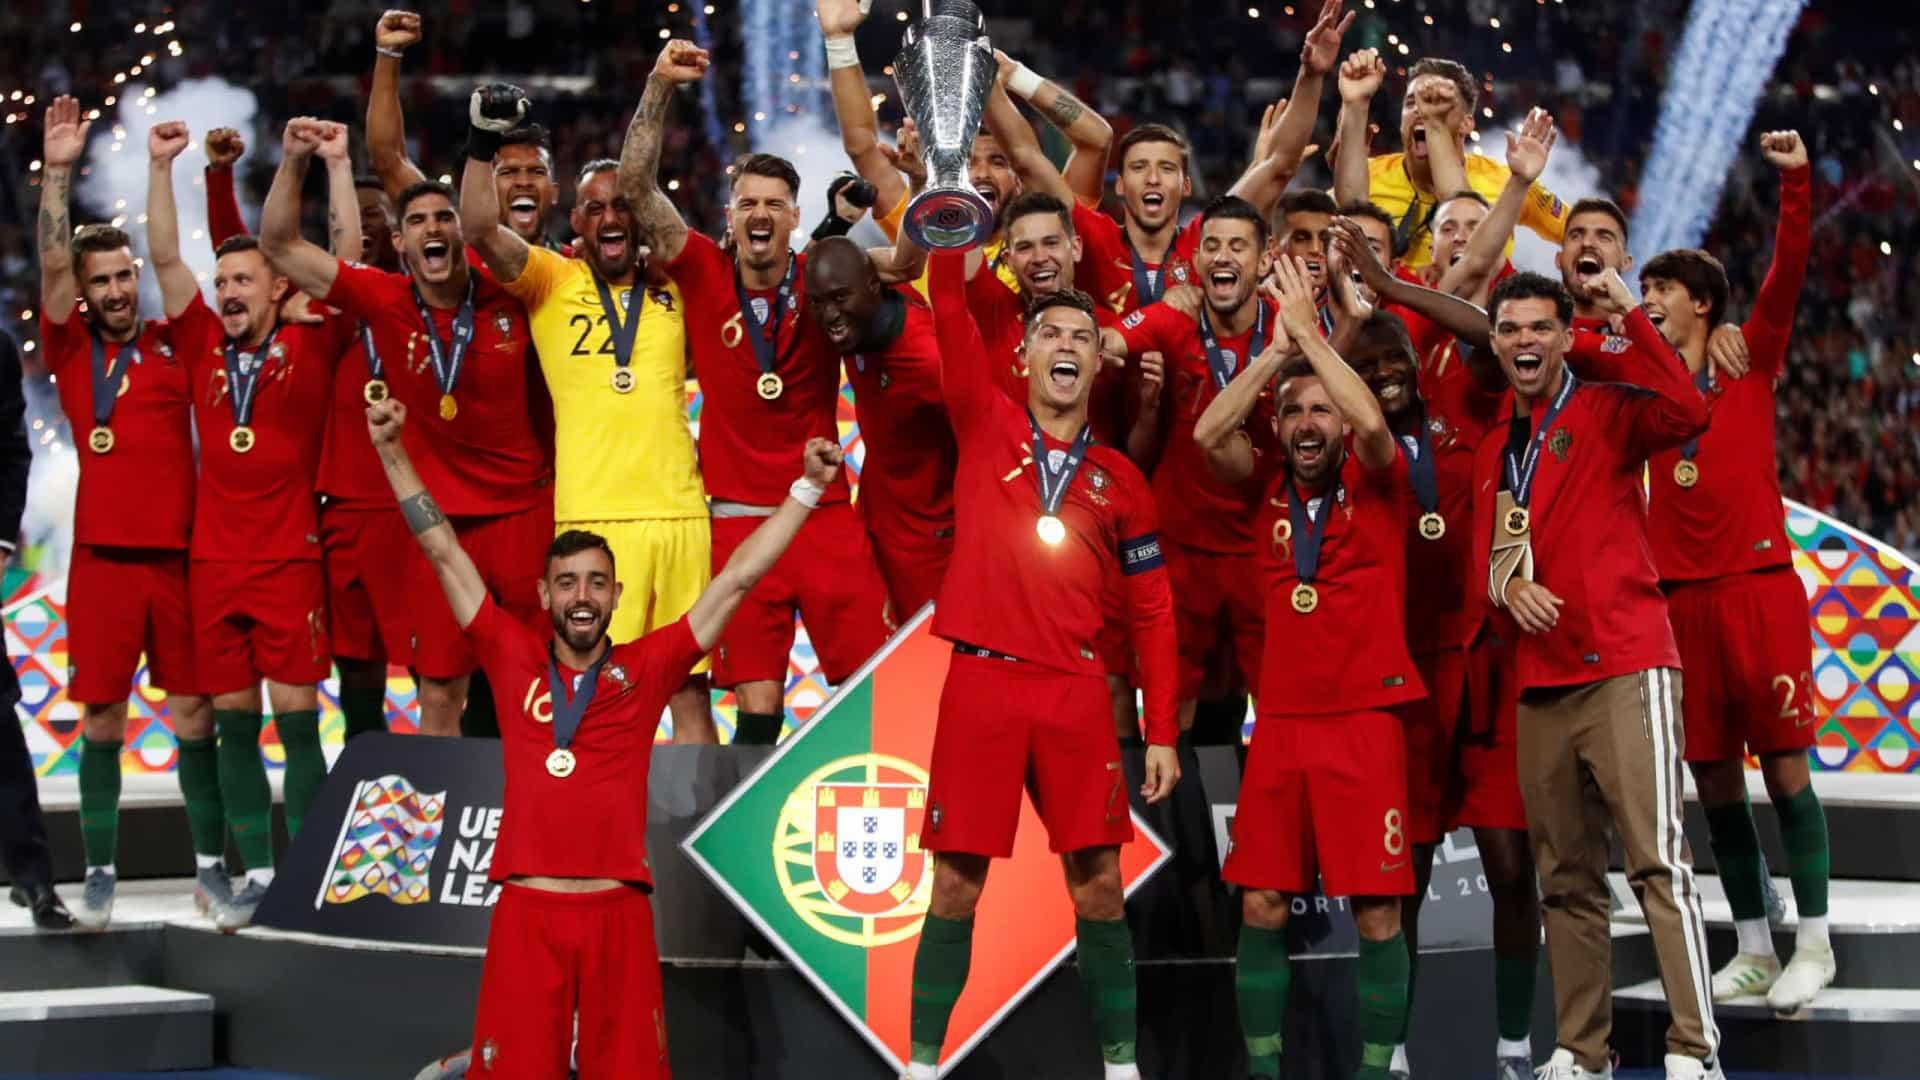 mundo rendido ao  u0026quot rei da europa u0026quot   aten u00e7 u00e3o  u00e0 men u00e7 u00e3o de espanha a portugal